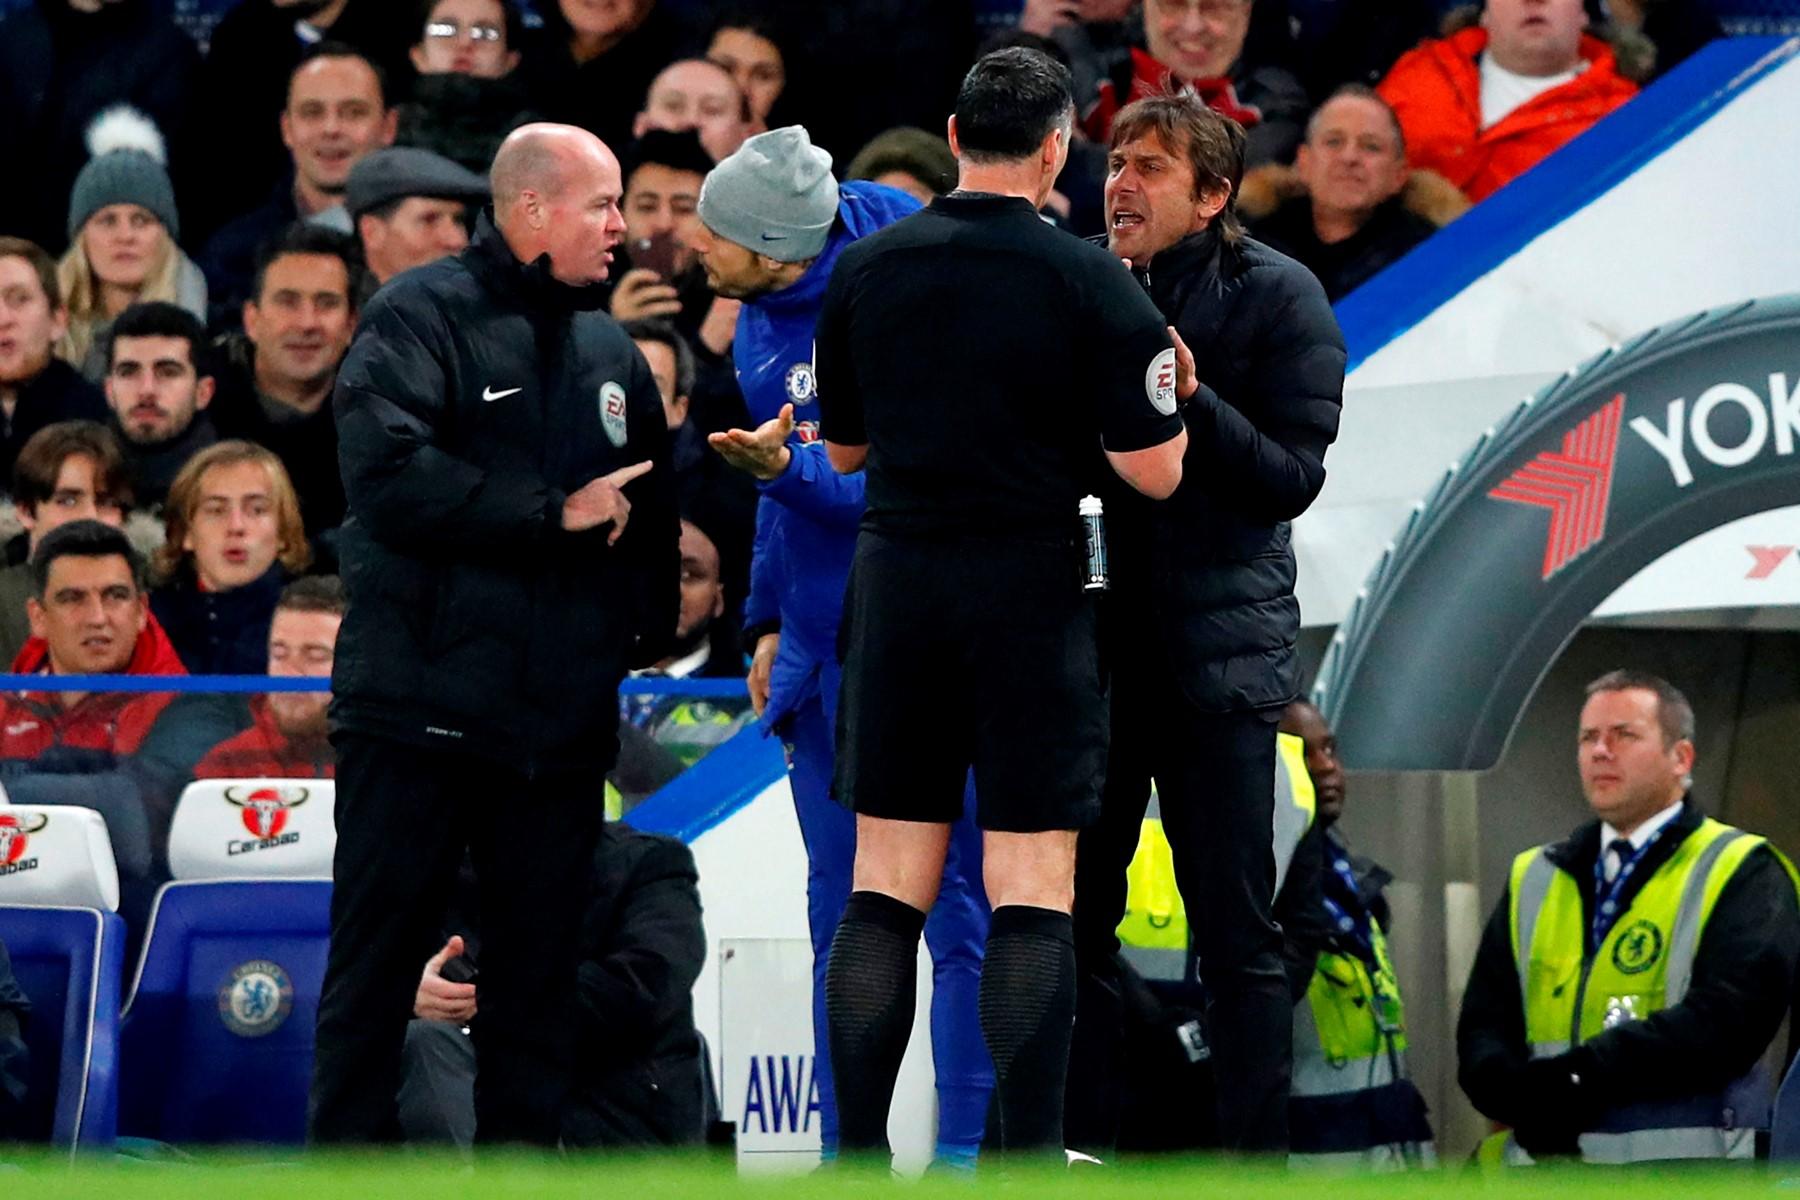 تغريم كونتي مدرب تشيلسي بسبب طرده في مباراة سوانزي سيتي